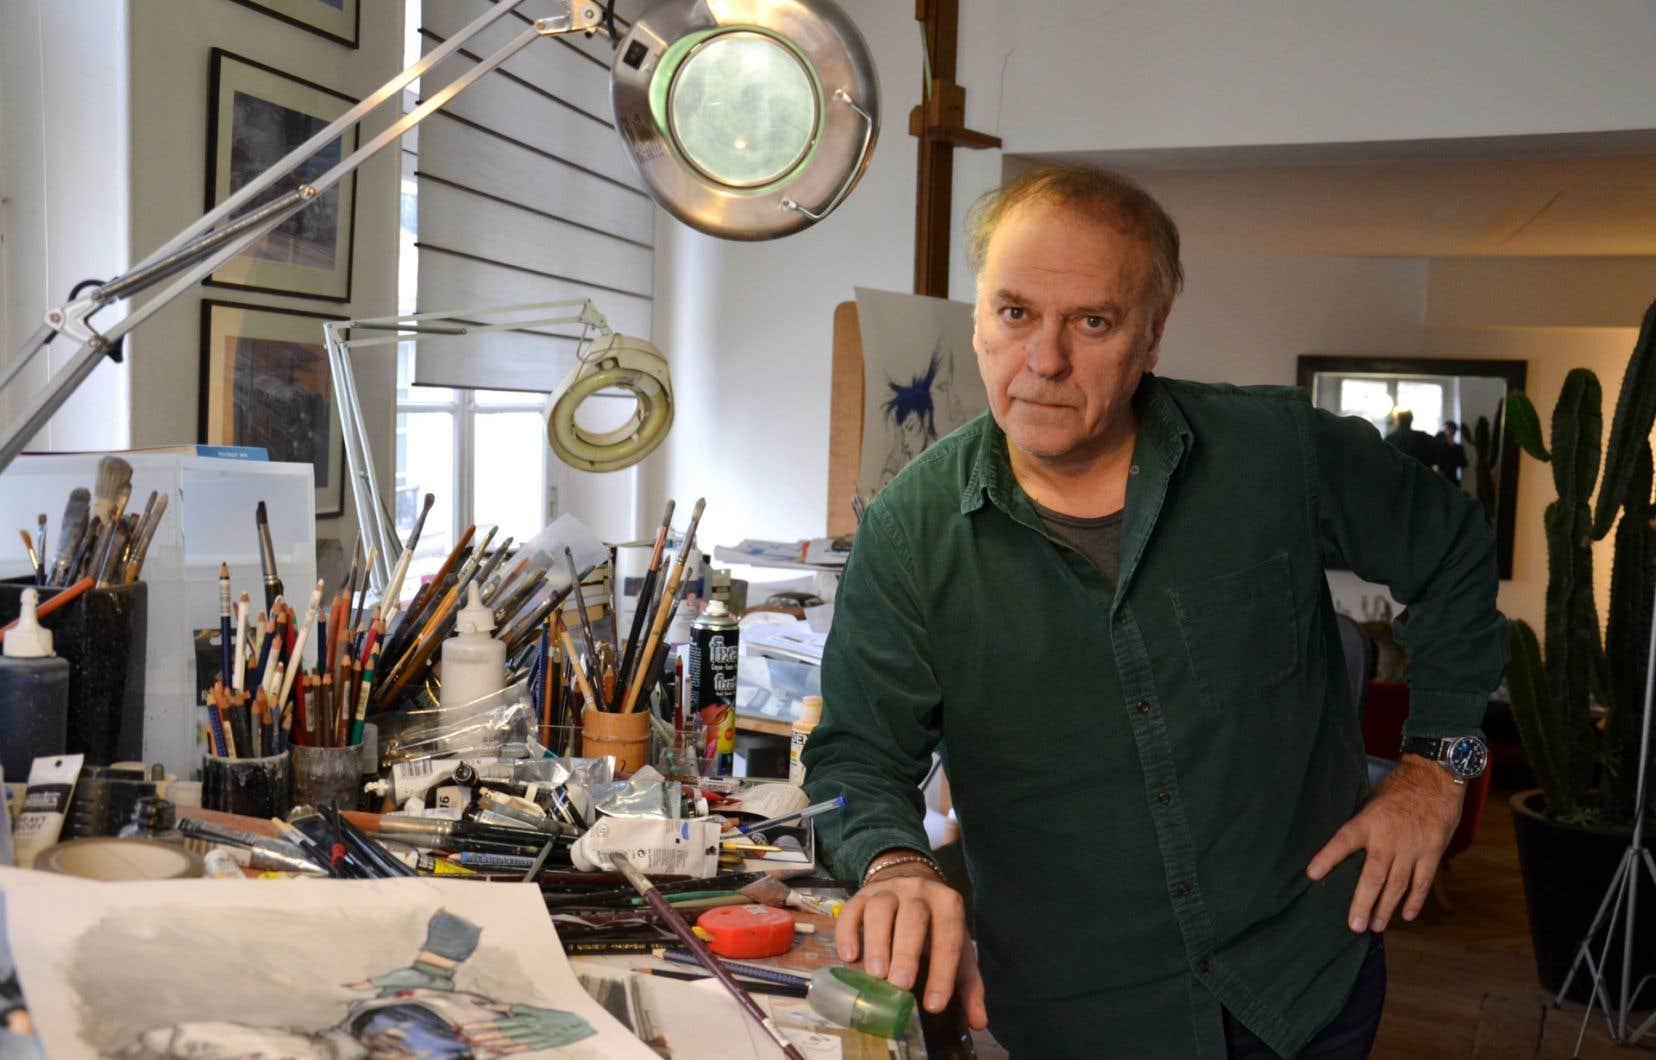 Enki Bilal dans son atelier situé au cœur du quartier des Halles, à Paris